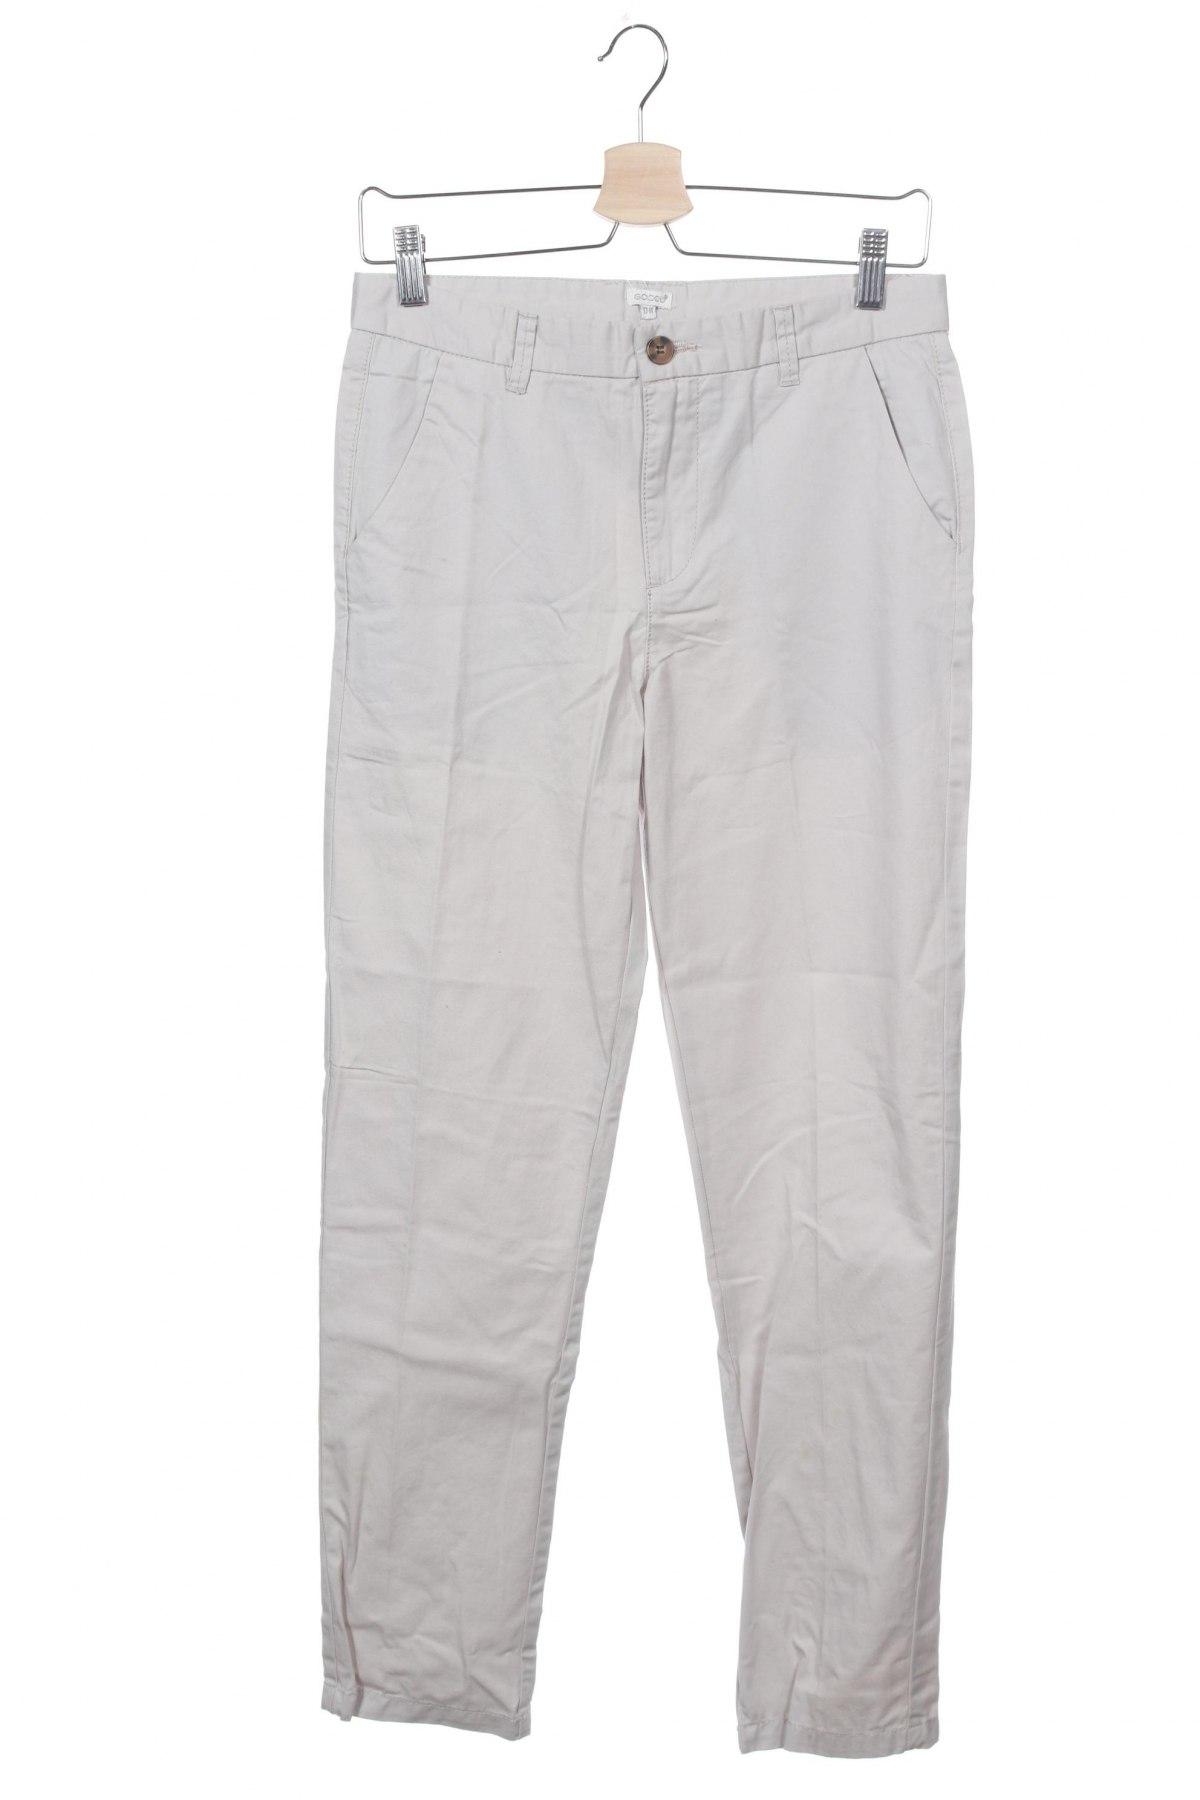 Παιδικό παντελόνι Gocco, Μέγεθος 13-14y/ 164-168 εκ., Χρώμα Γκρί, Βαμβάκι, Τιμή 8,04€